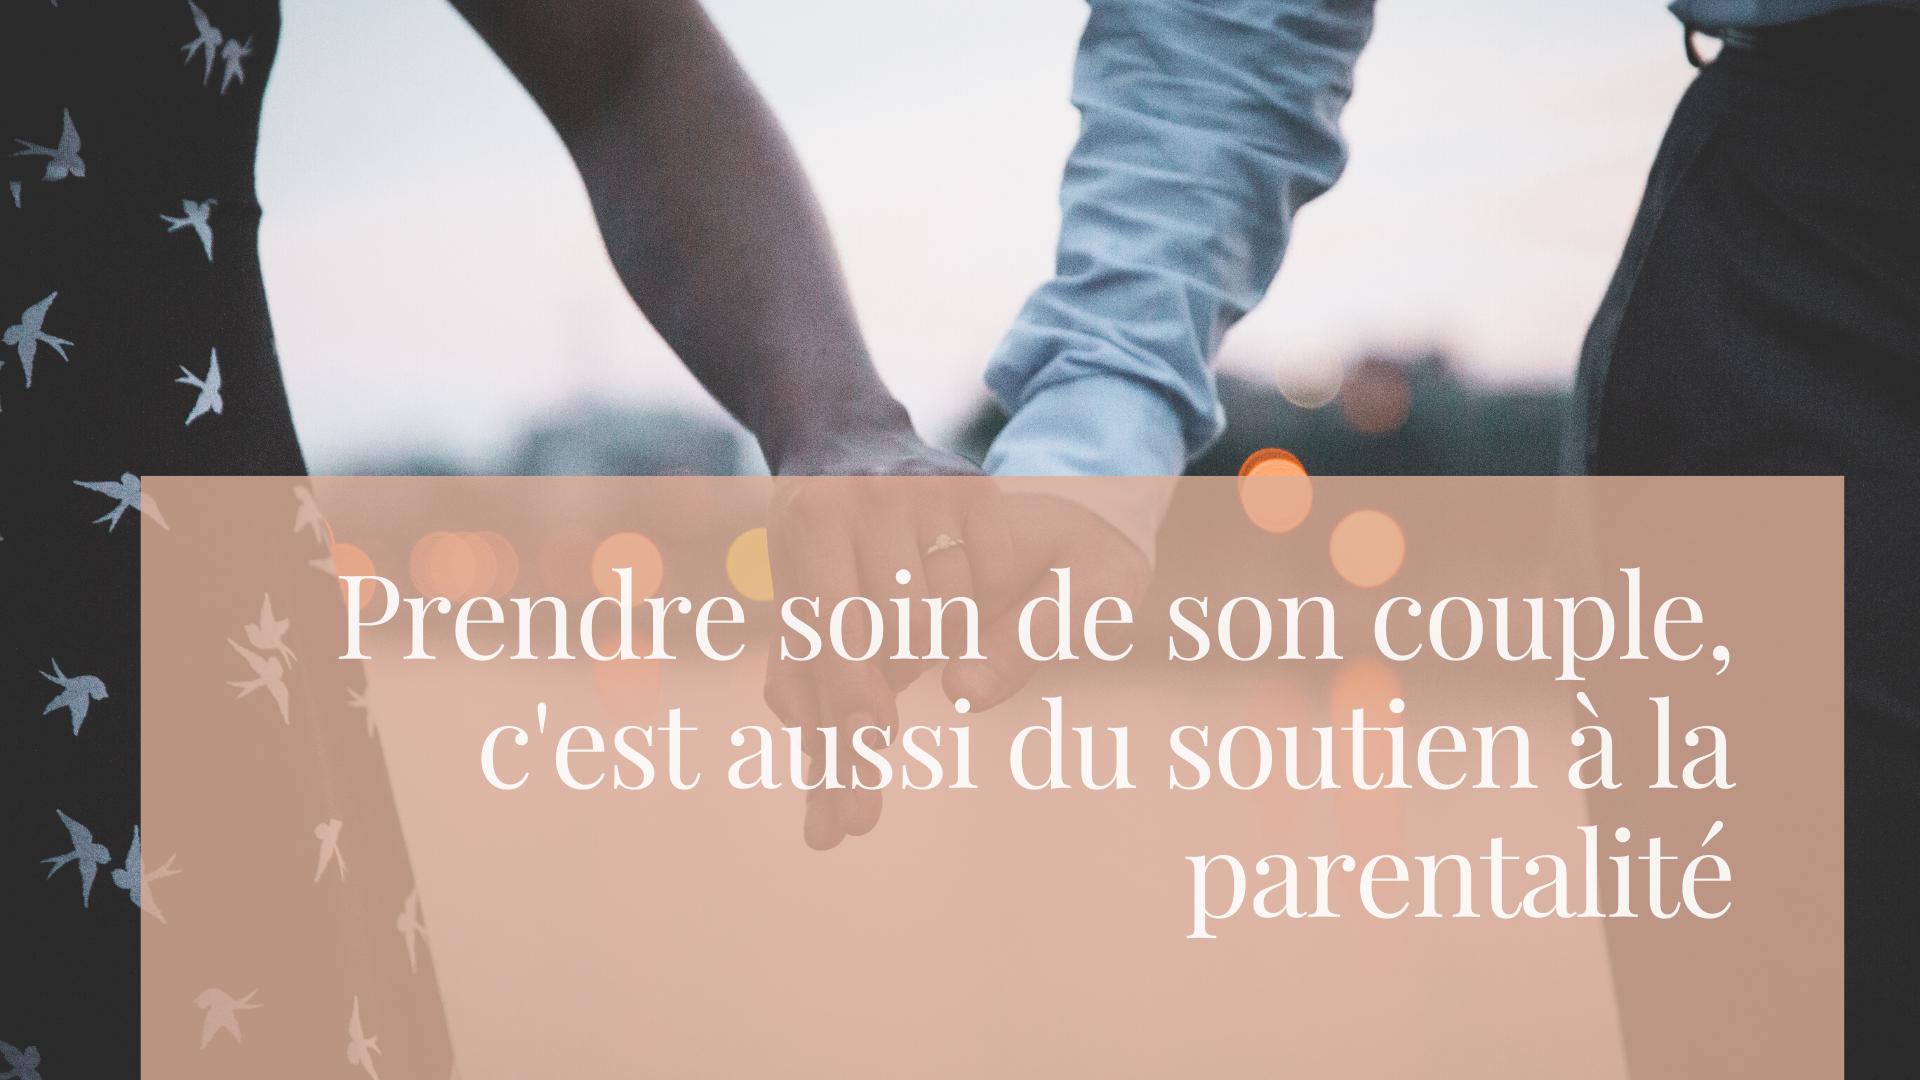 prendre-soin-couple-soutien-a-la-parentalite